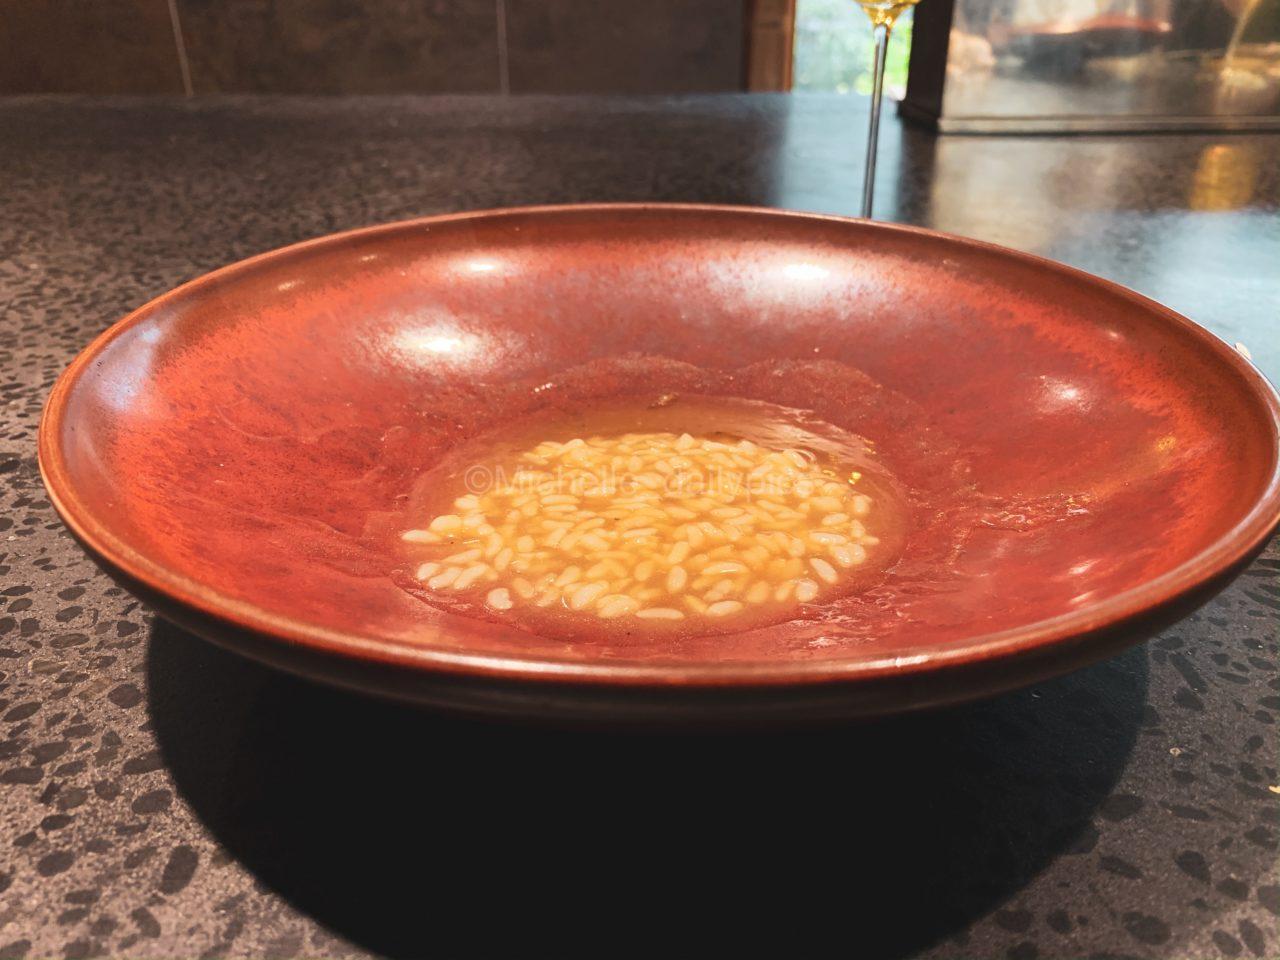 img 5052 - 鎌倉美食巡り - 和の空間でいただく中華「イチリンハナレ」